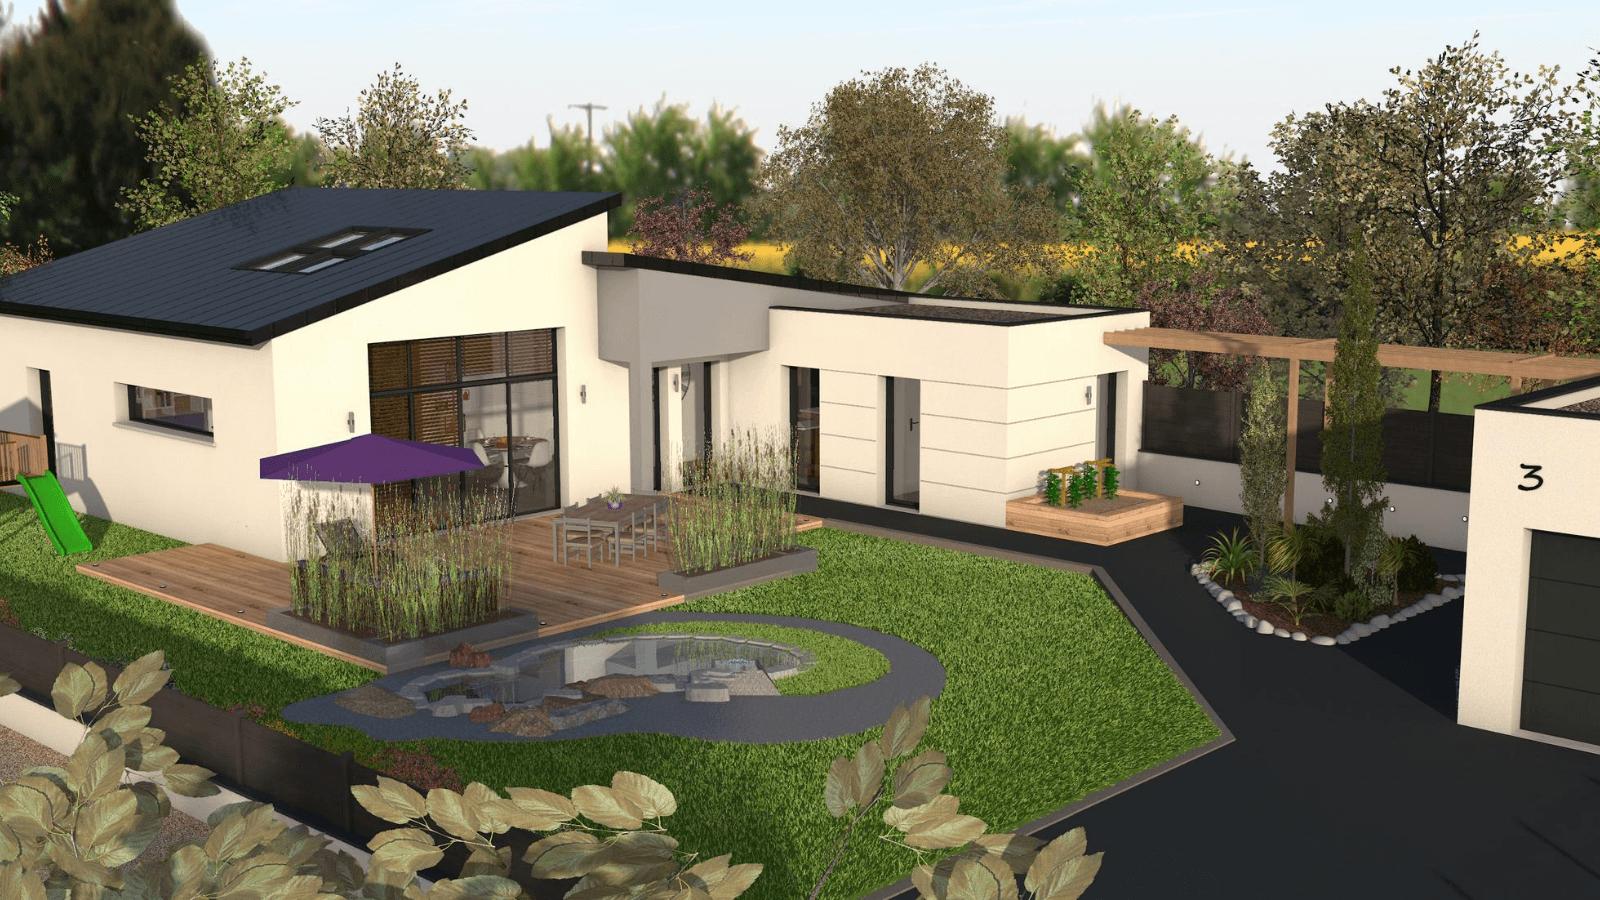 Maison Plain-Pied Contemporaine - Inspiration - Les Maisons ... avec Aménagement Extérieur Maison Plain Pied